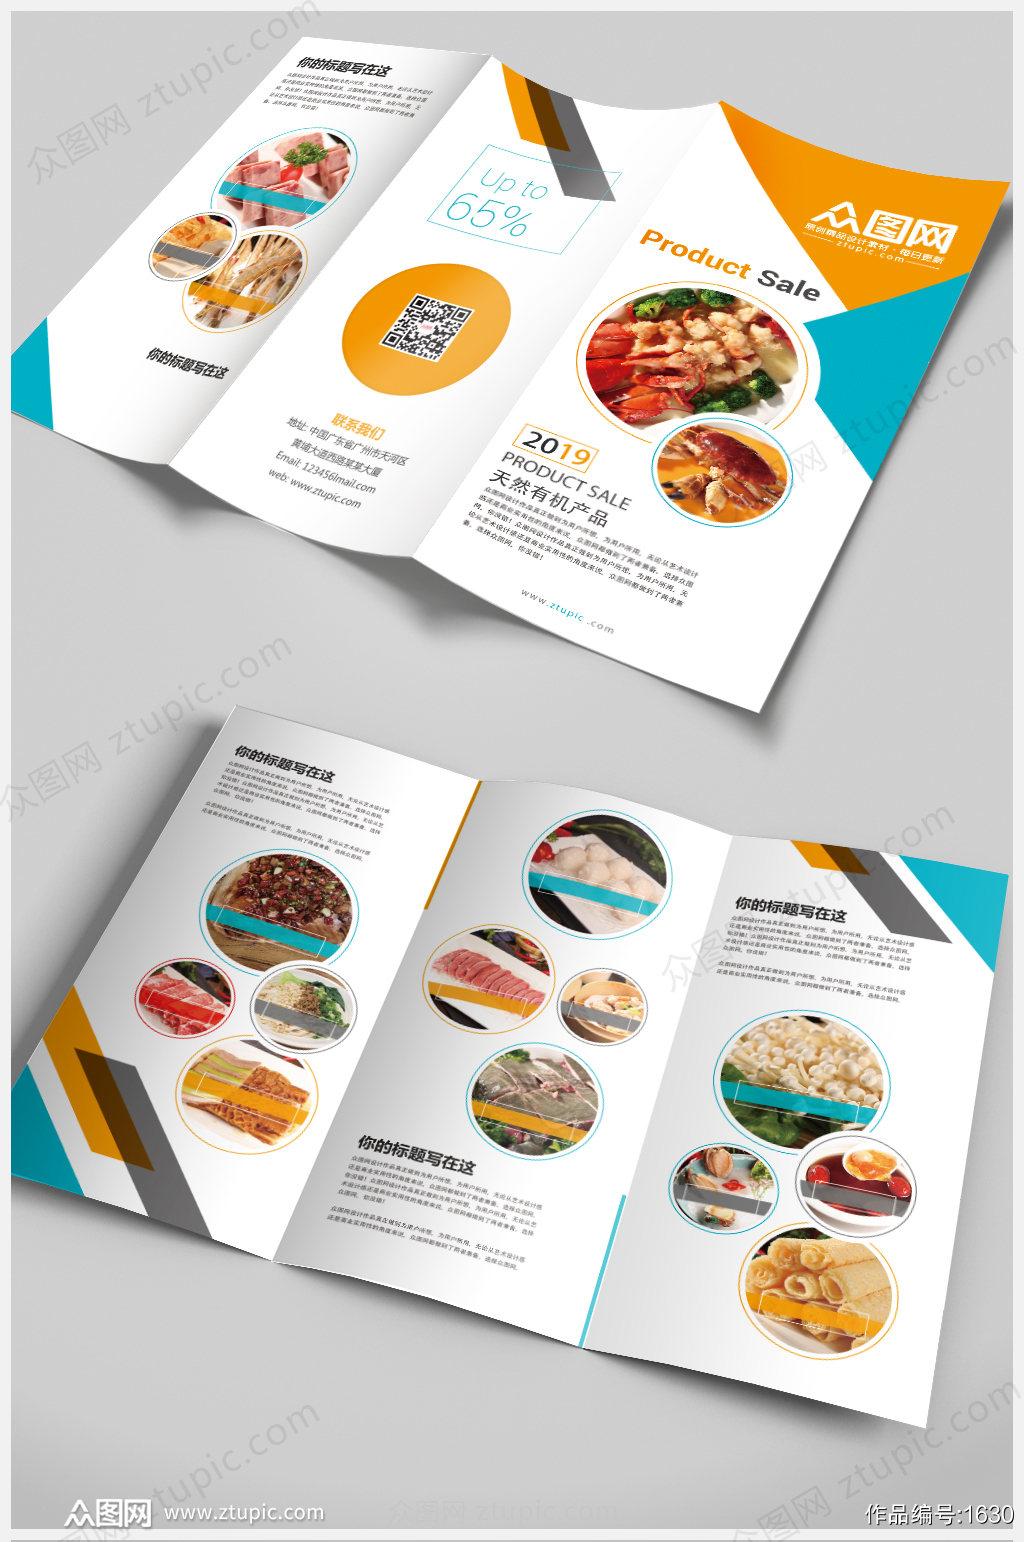 高档餐厅火锅菜单设计三折页素材